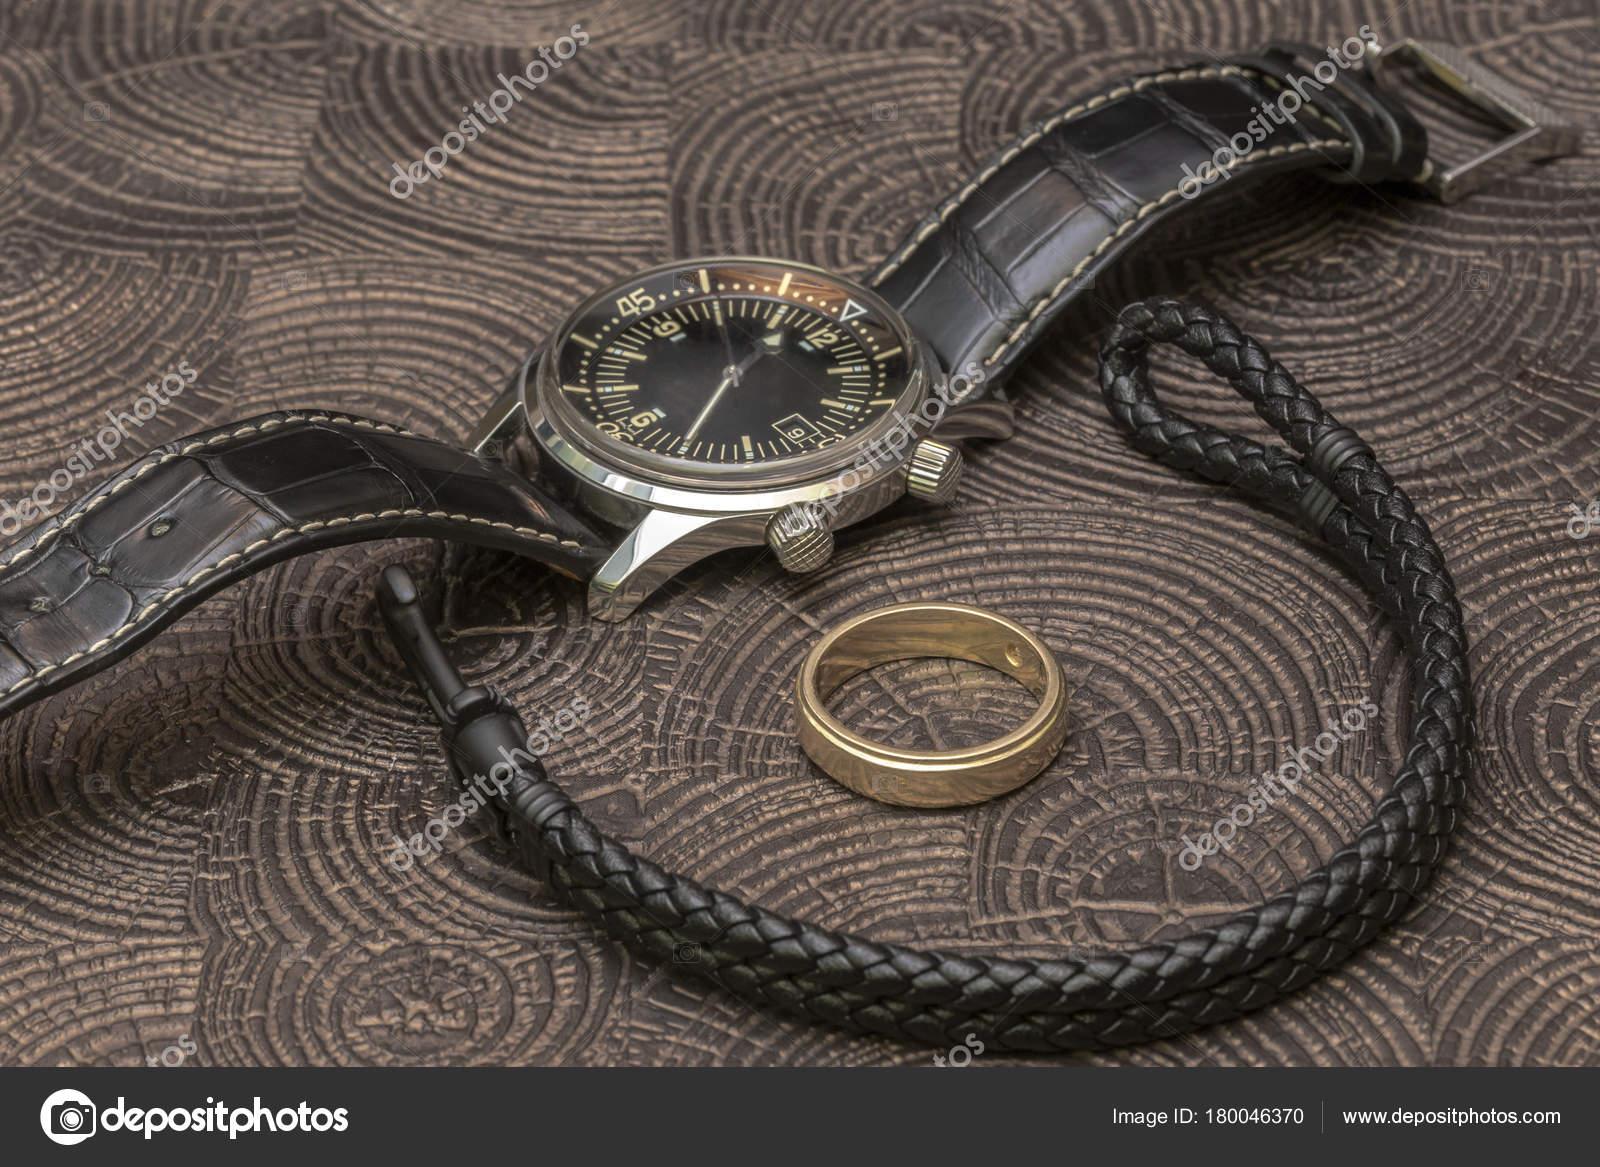 Zakelijke Portemonnee.Een Zakelijke Man Lederen Accessoires Close Up Portemonnee Riem